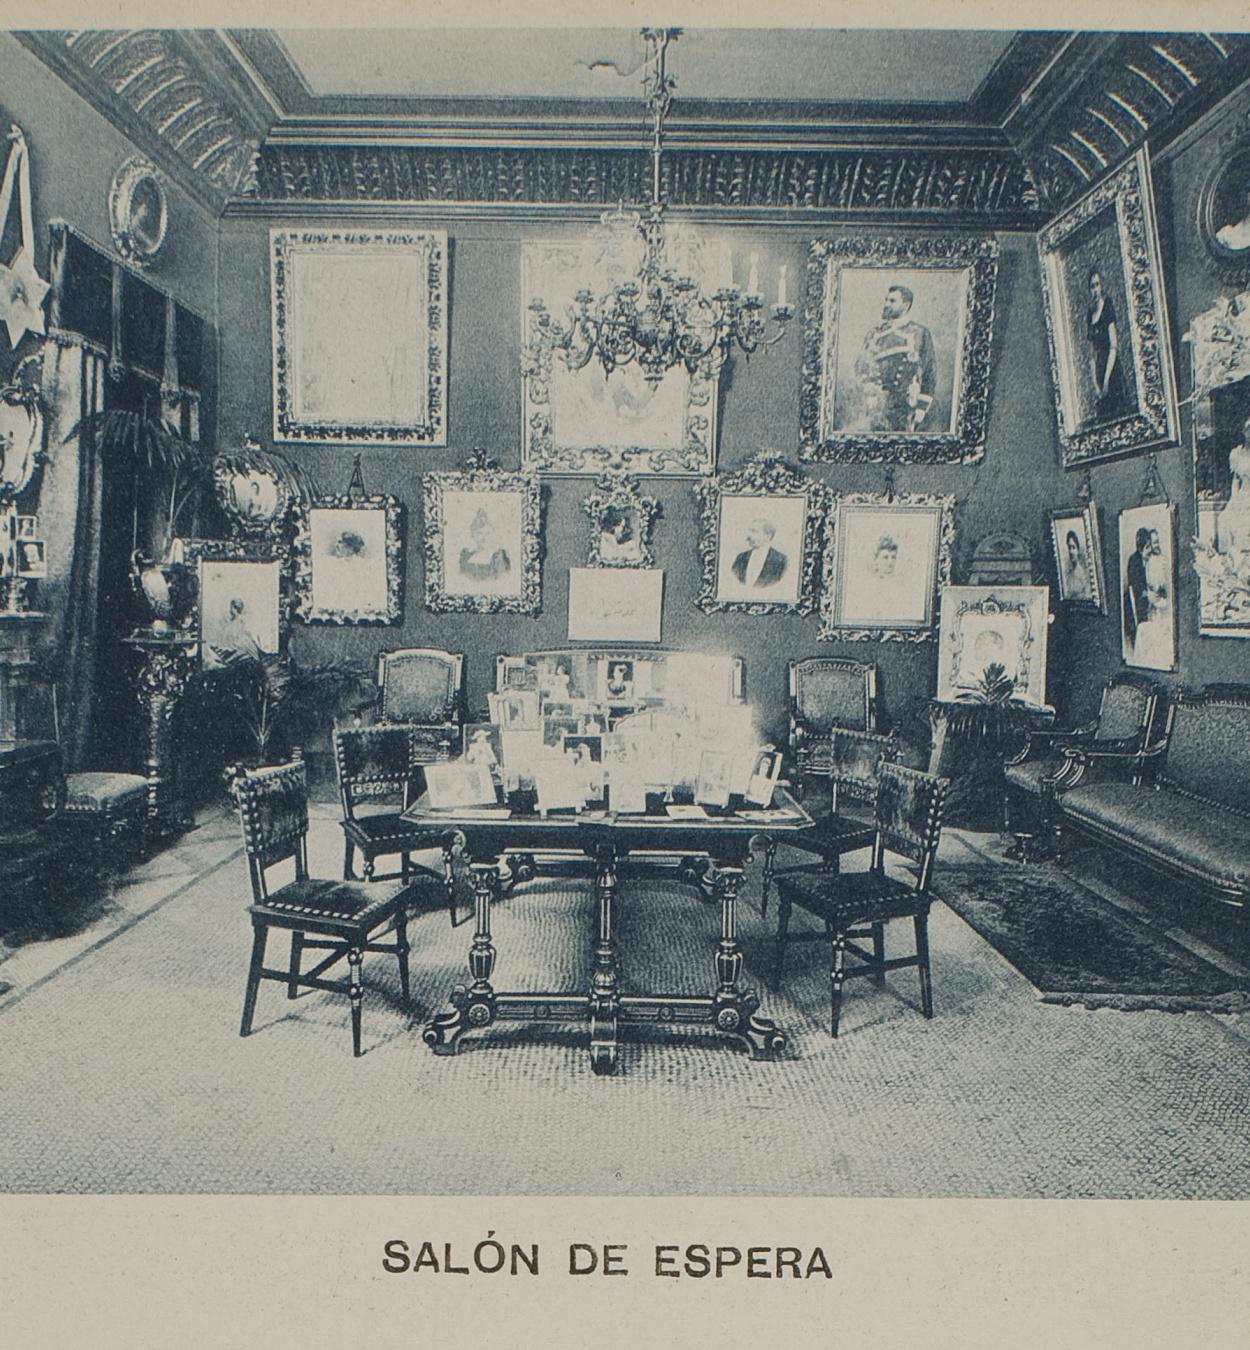 Napoleón. Establecimiento de daguerrotipo y fotografía. Barcelona - Napoleón photographic studio. Waiting room - 1895